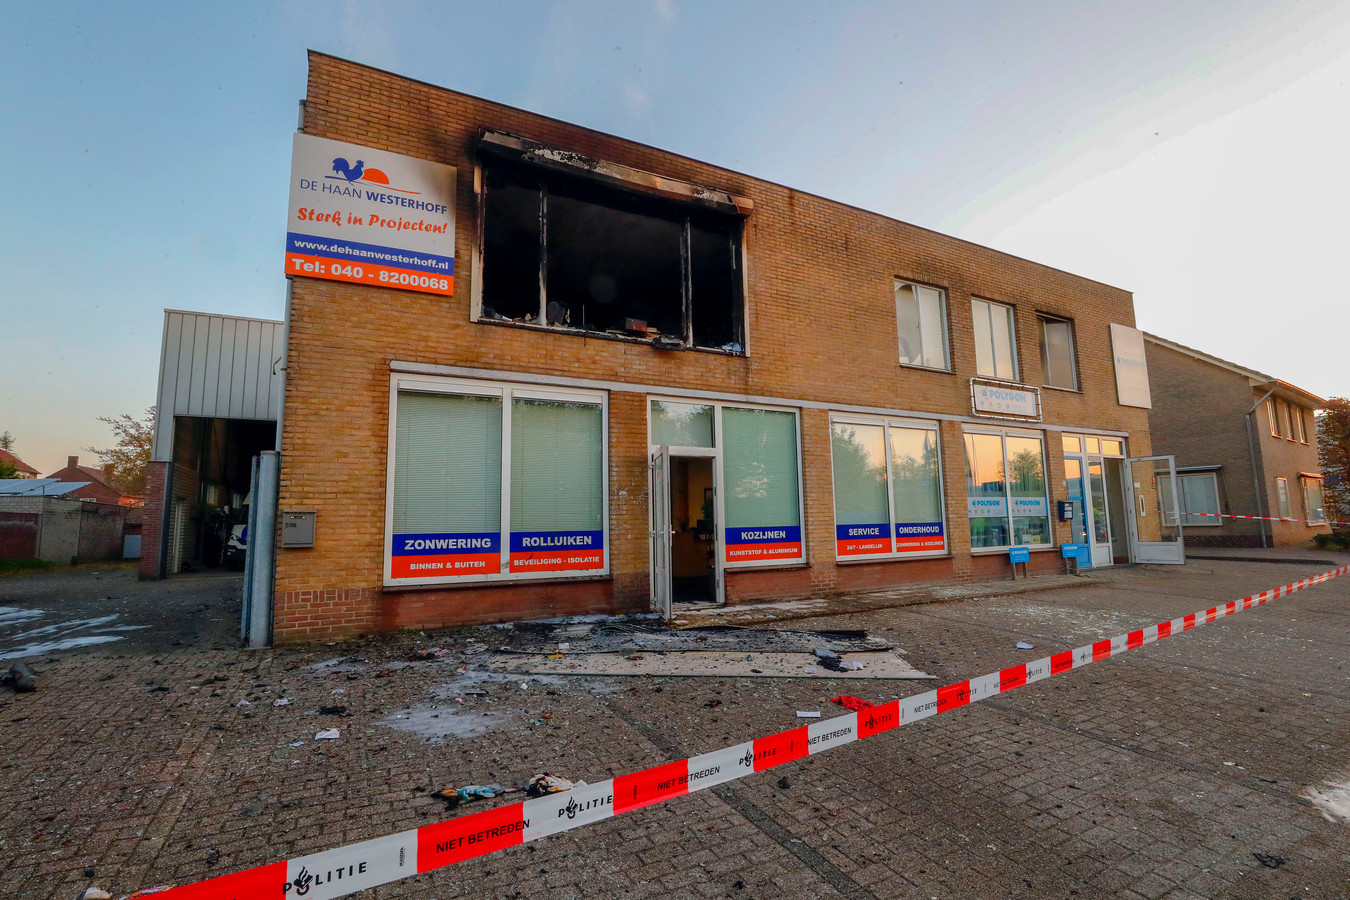 67-jarige bewoonster omgekomen bij brand in Veldhoven